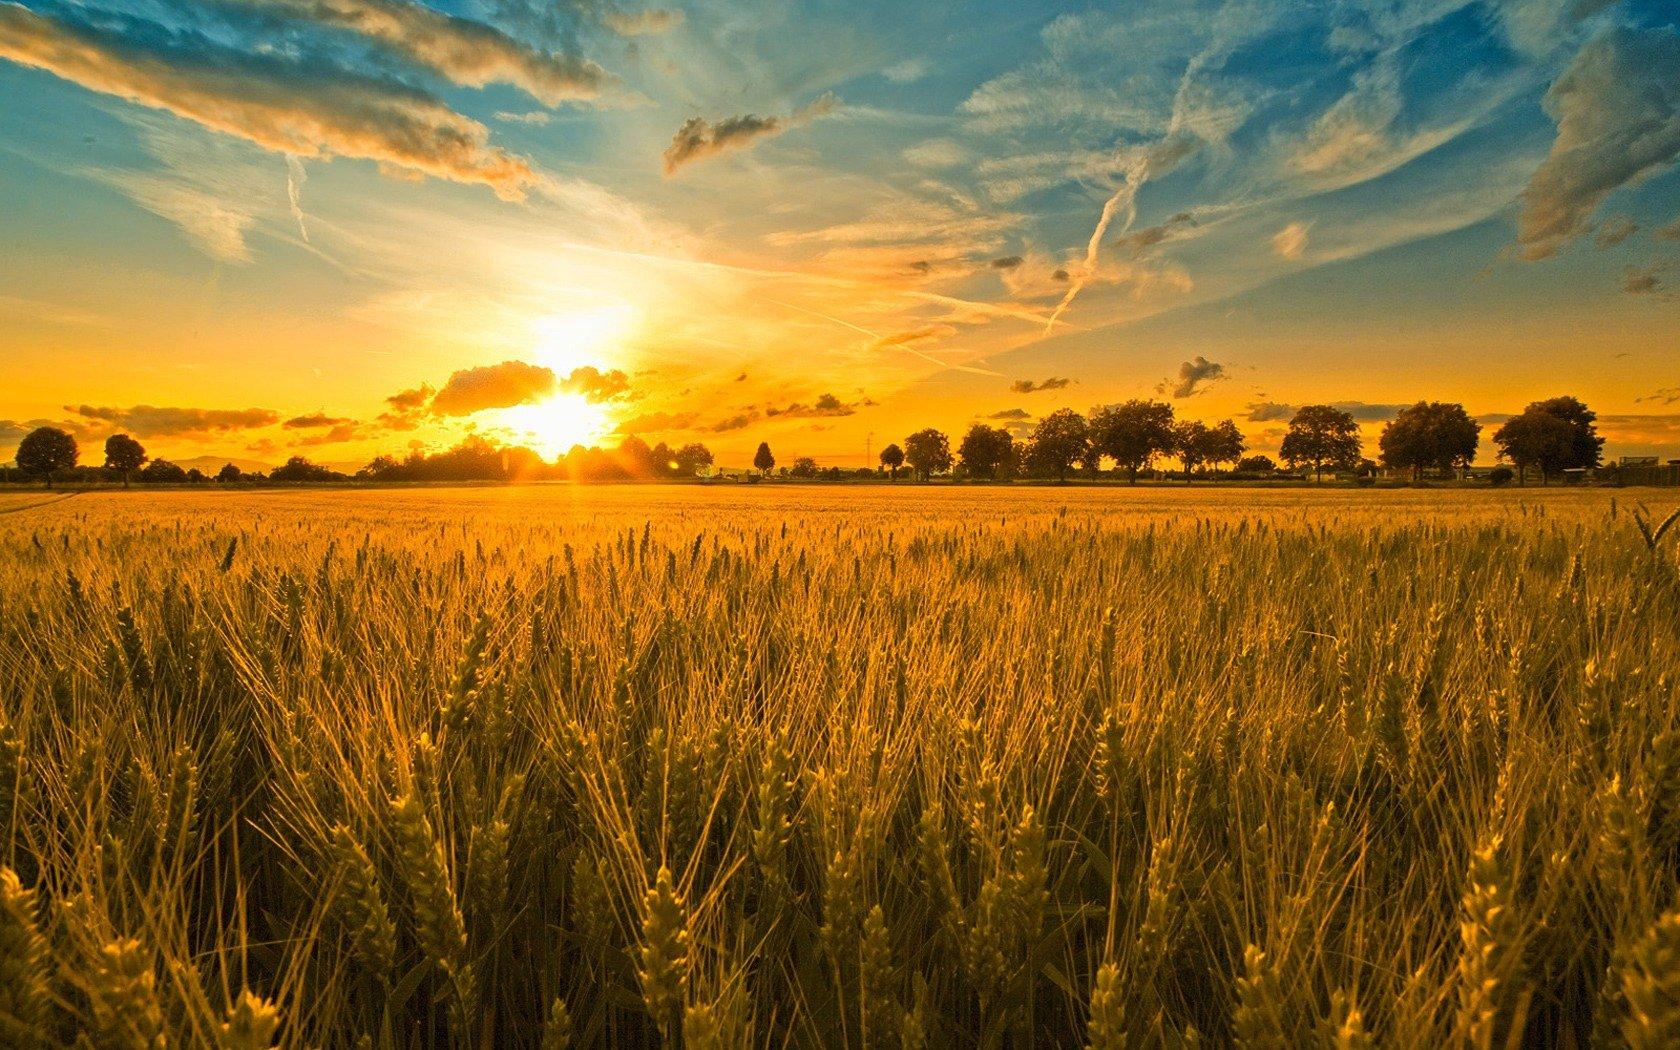 Harvest Celebration John 6: 25-35